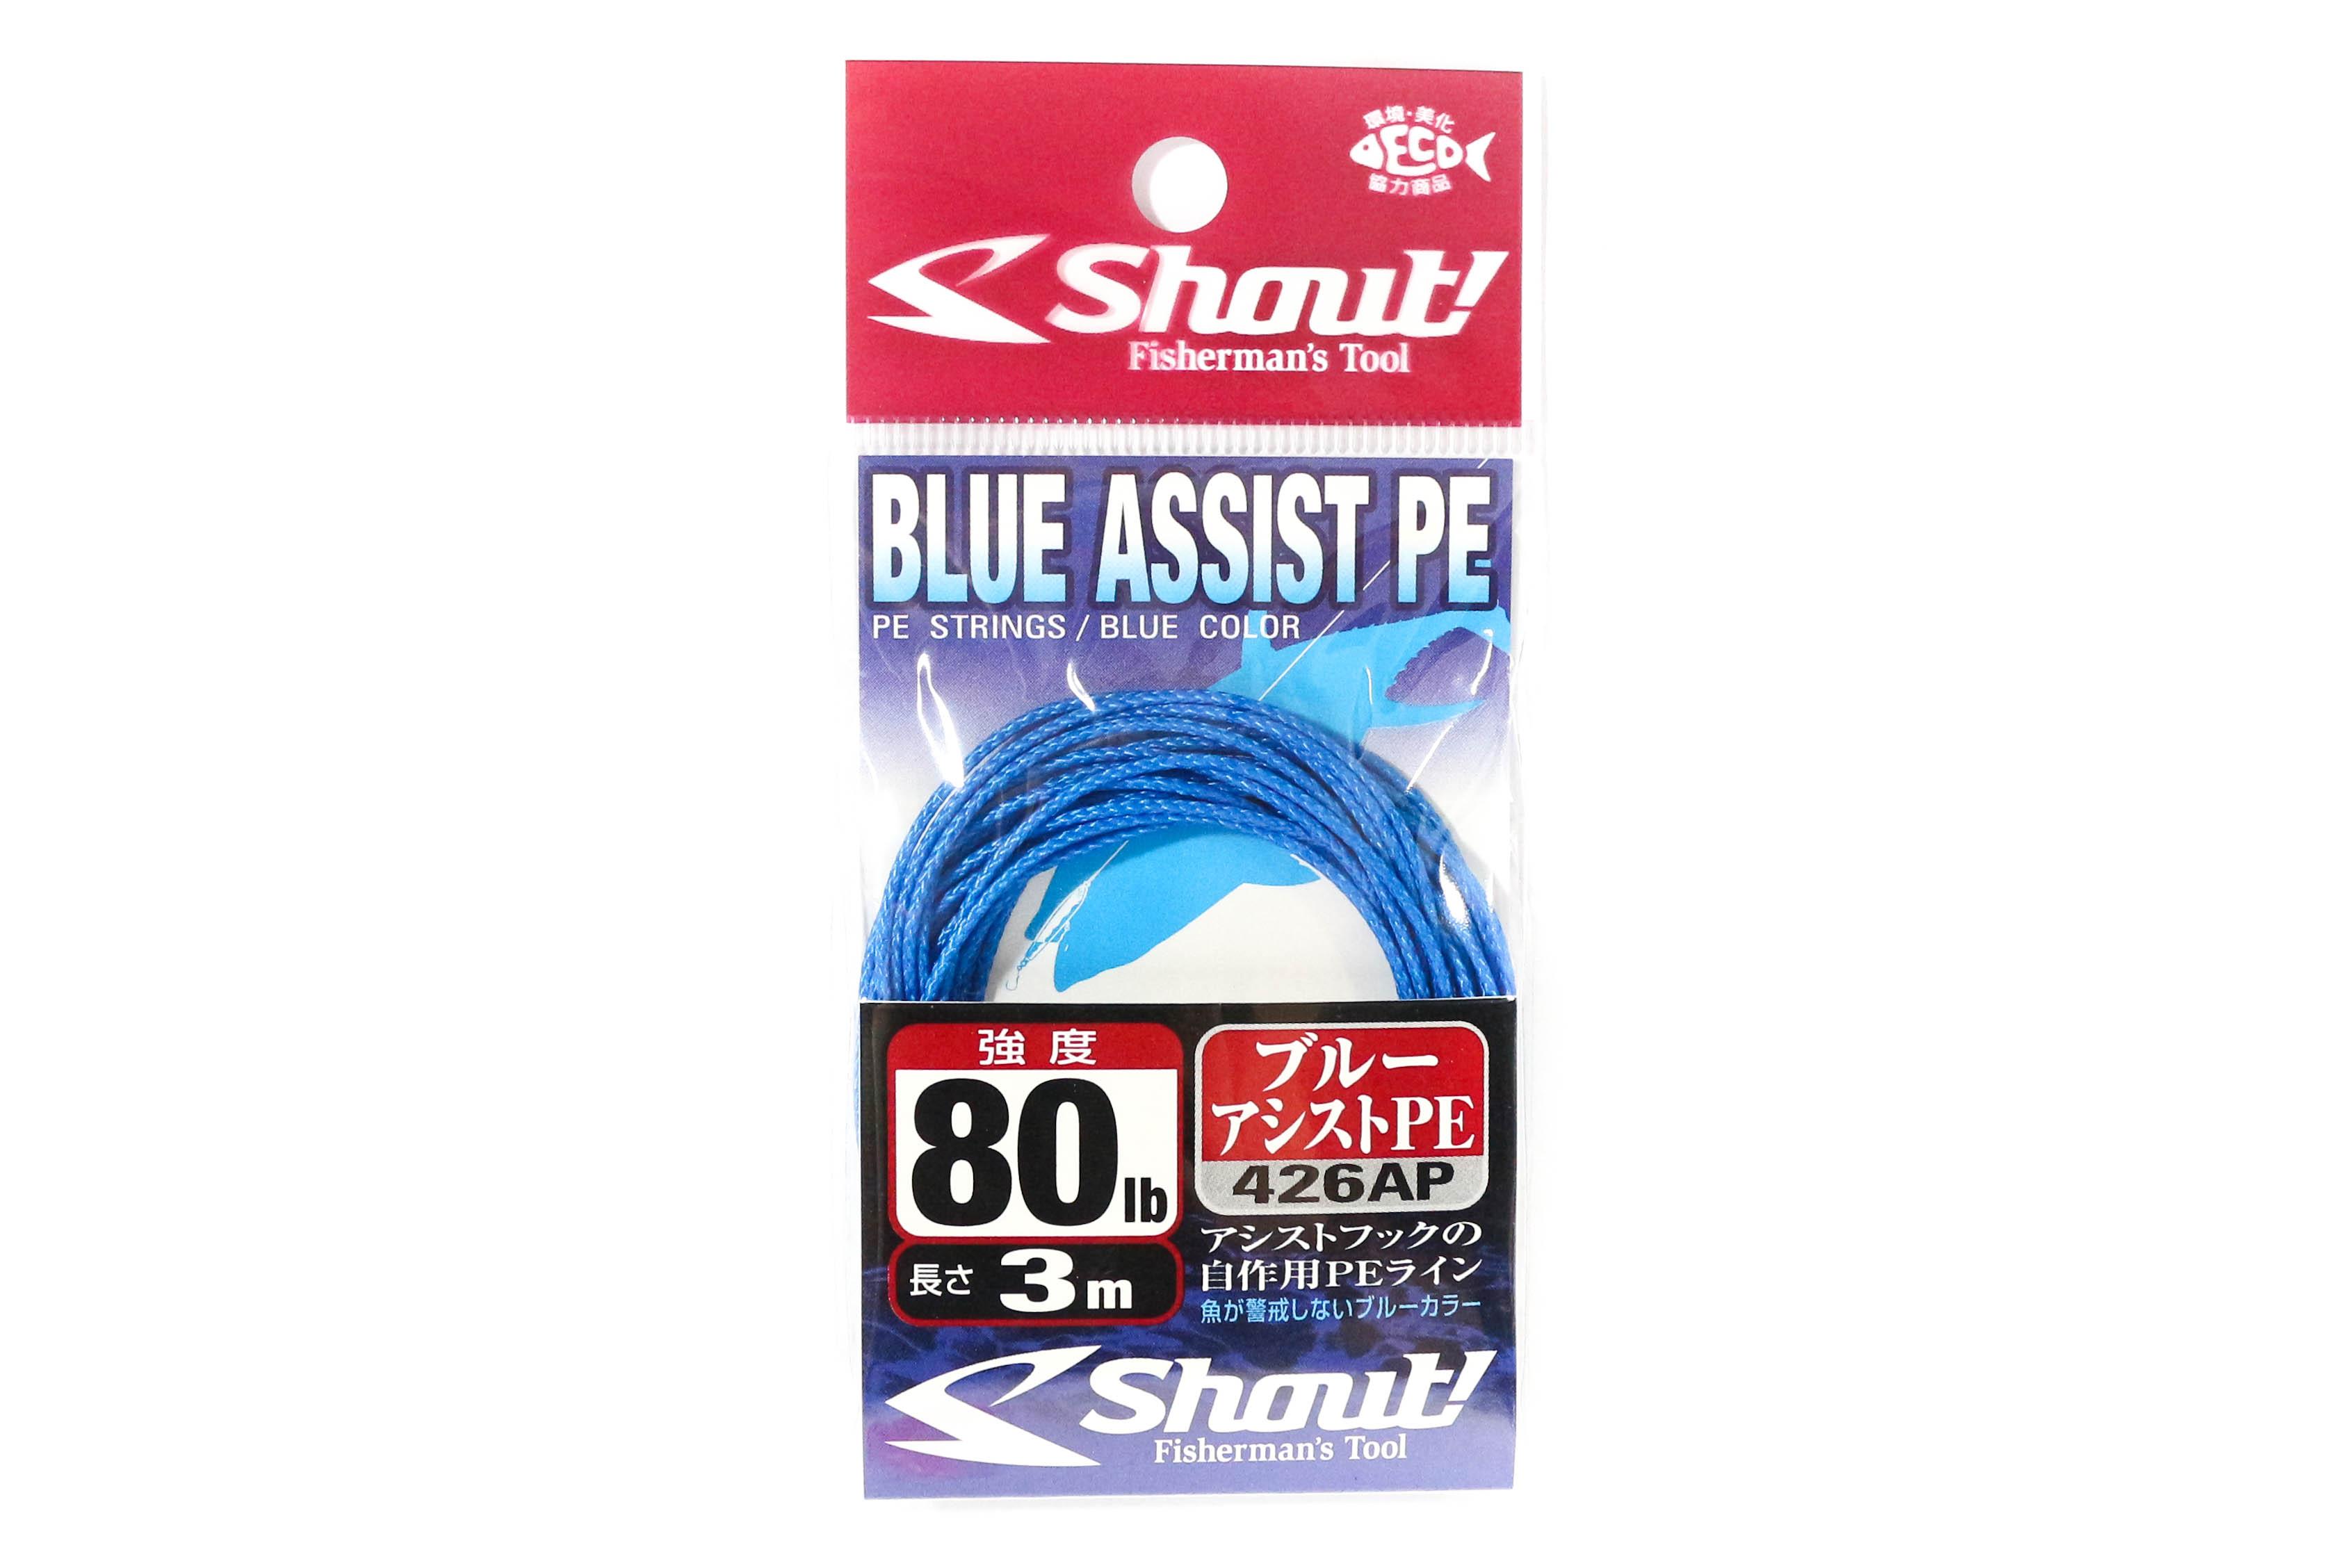 Shout 426-AP Blue Assist P.E Line Assist Rope Inner Core 3 meters 80LB (4640)